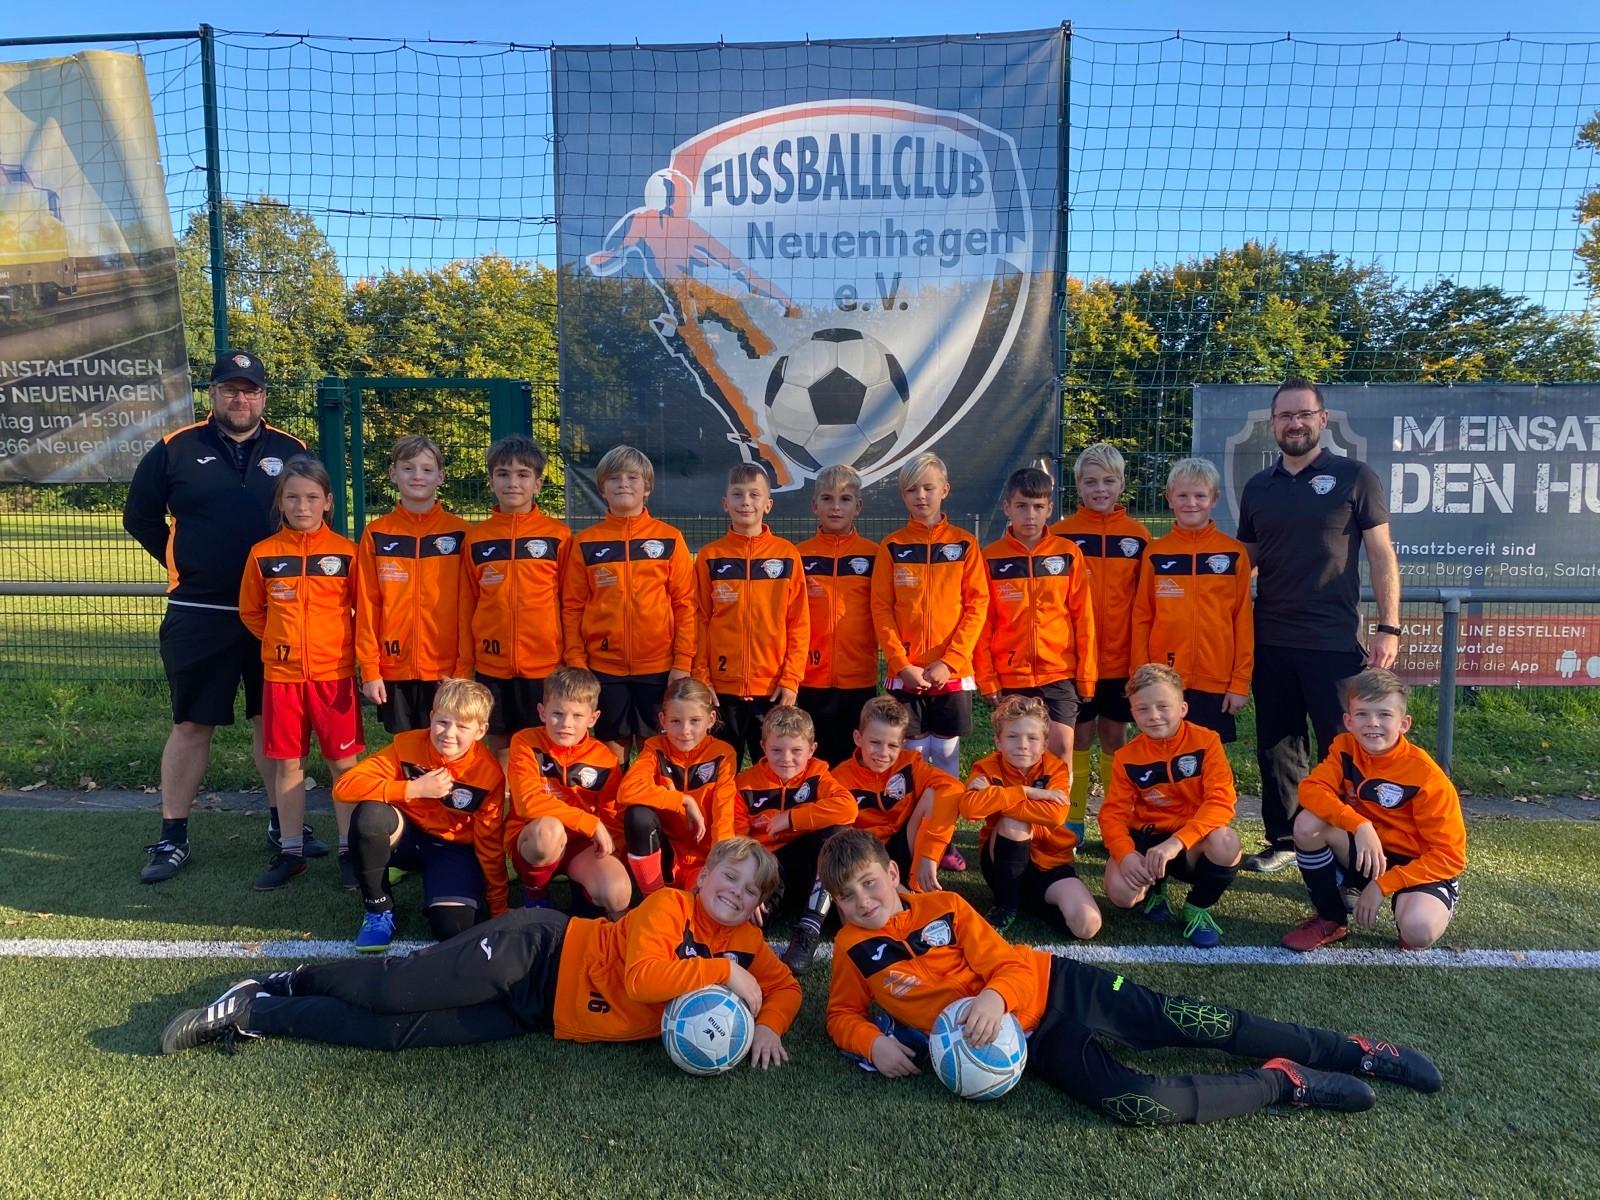 Mannschaftsfoto Fussballclub Neuenhagen 3